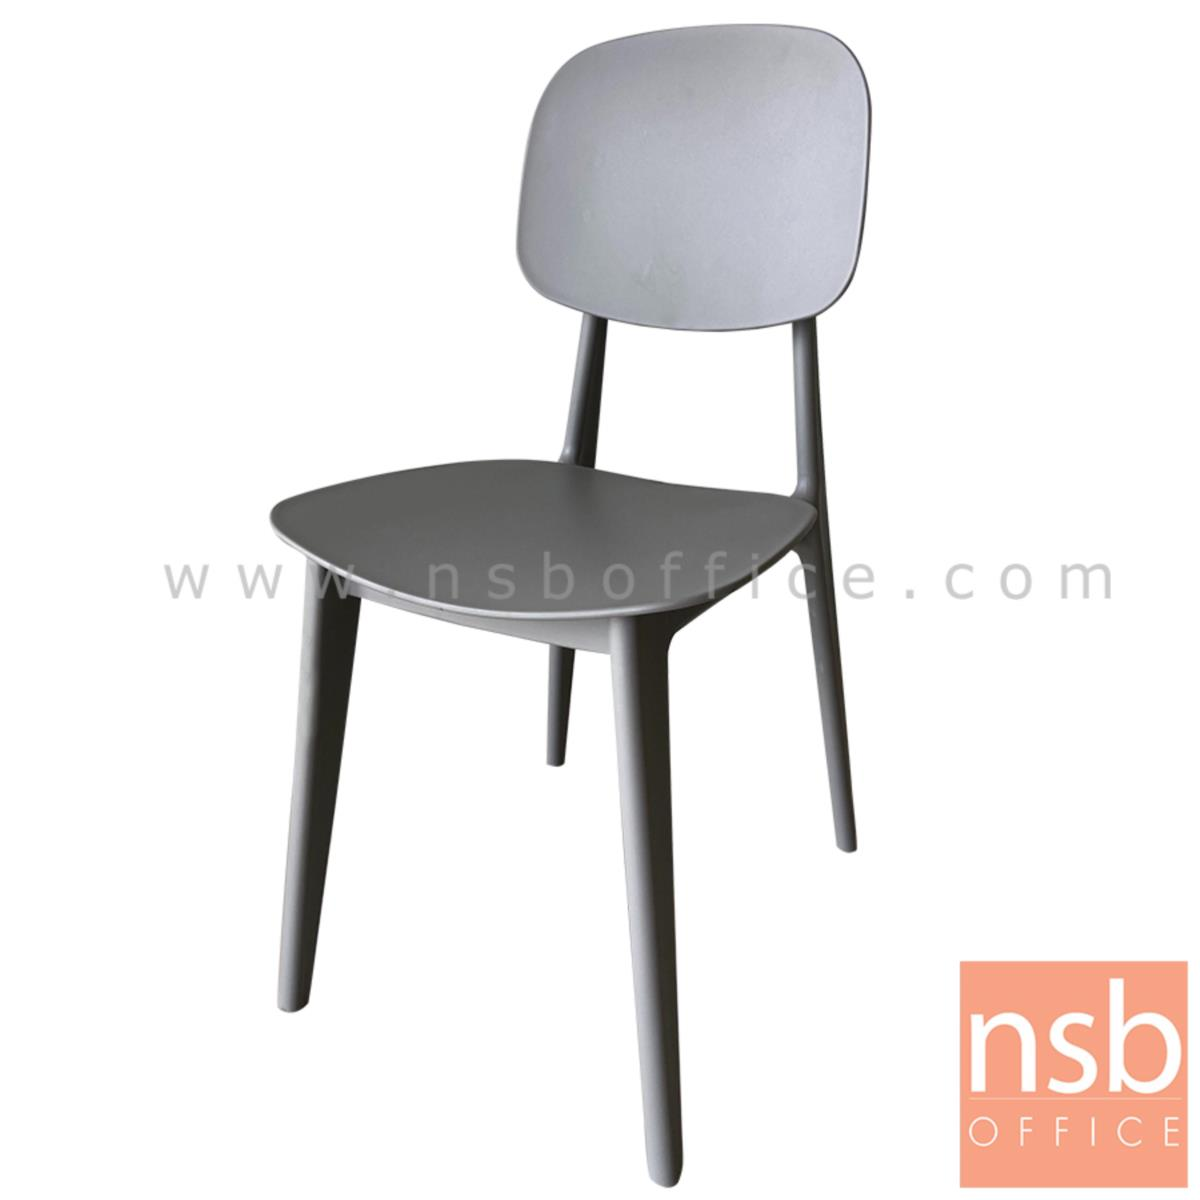 B11A036:เก้าอี้โมเดิร์นพลาสติกล้วน รุ่น Worthington (เวิร์ธธิงตัน) ขนาด 42W cm.